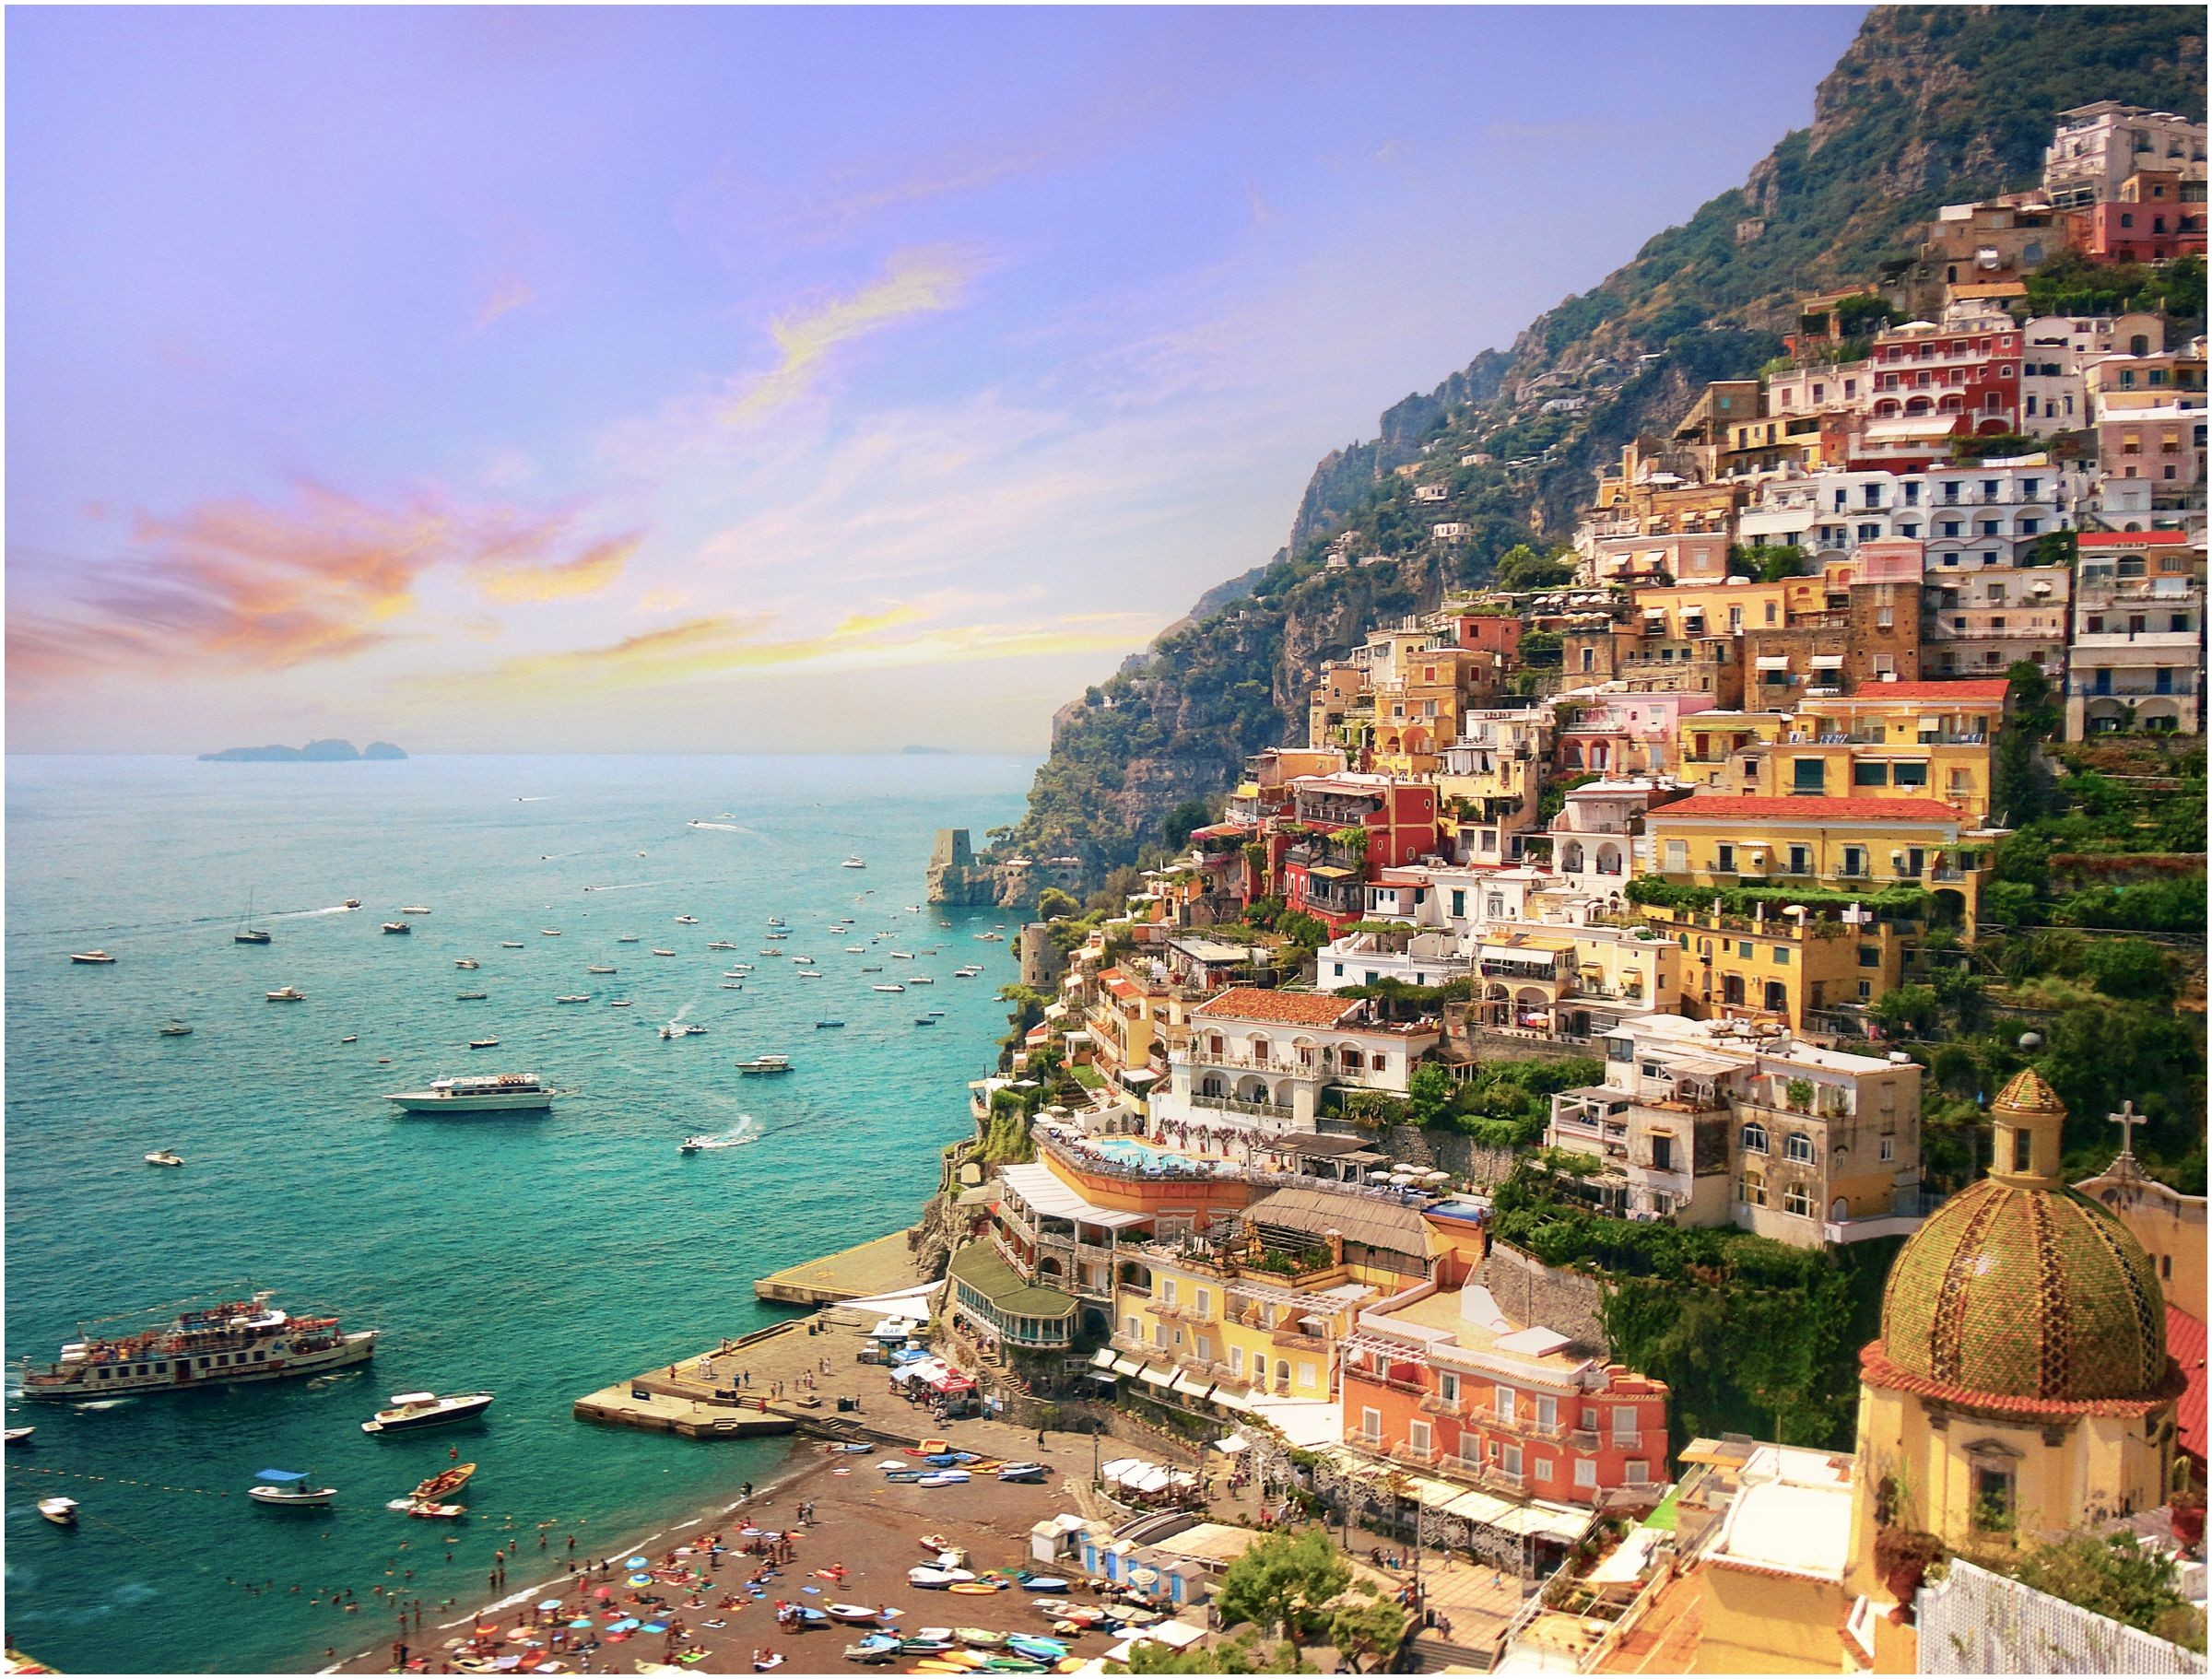 Positano Amalfi Italy Vacation Villas 5b0f de d336